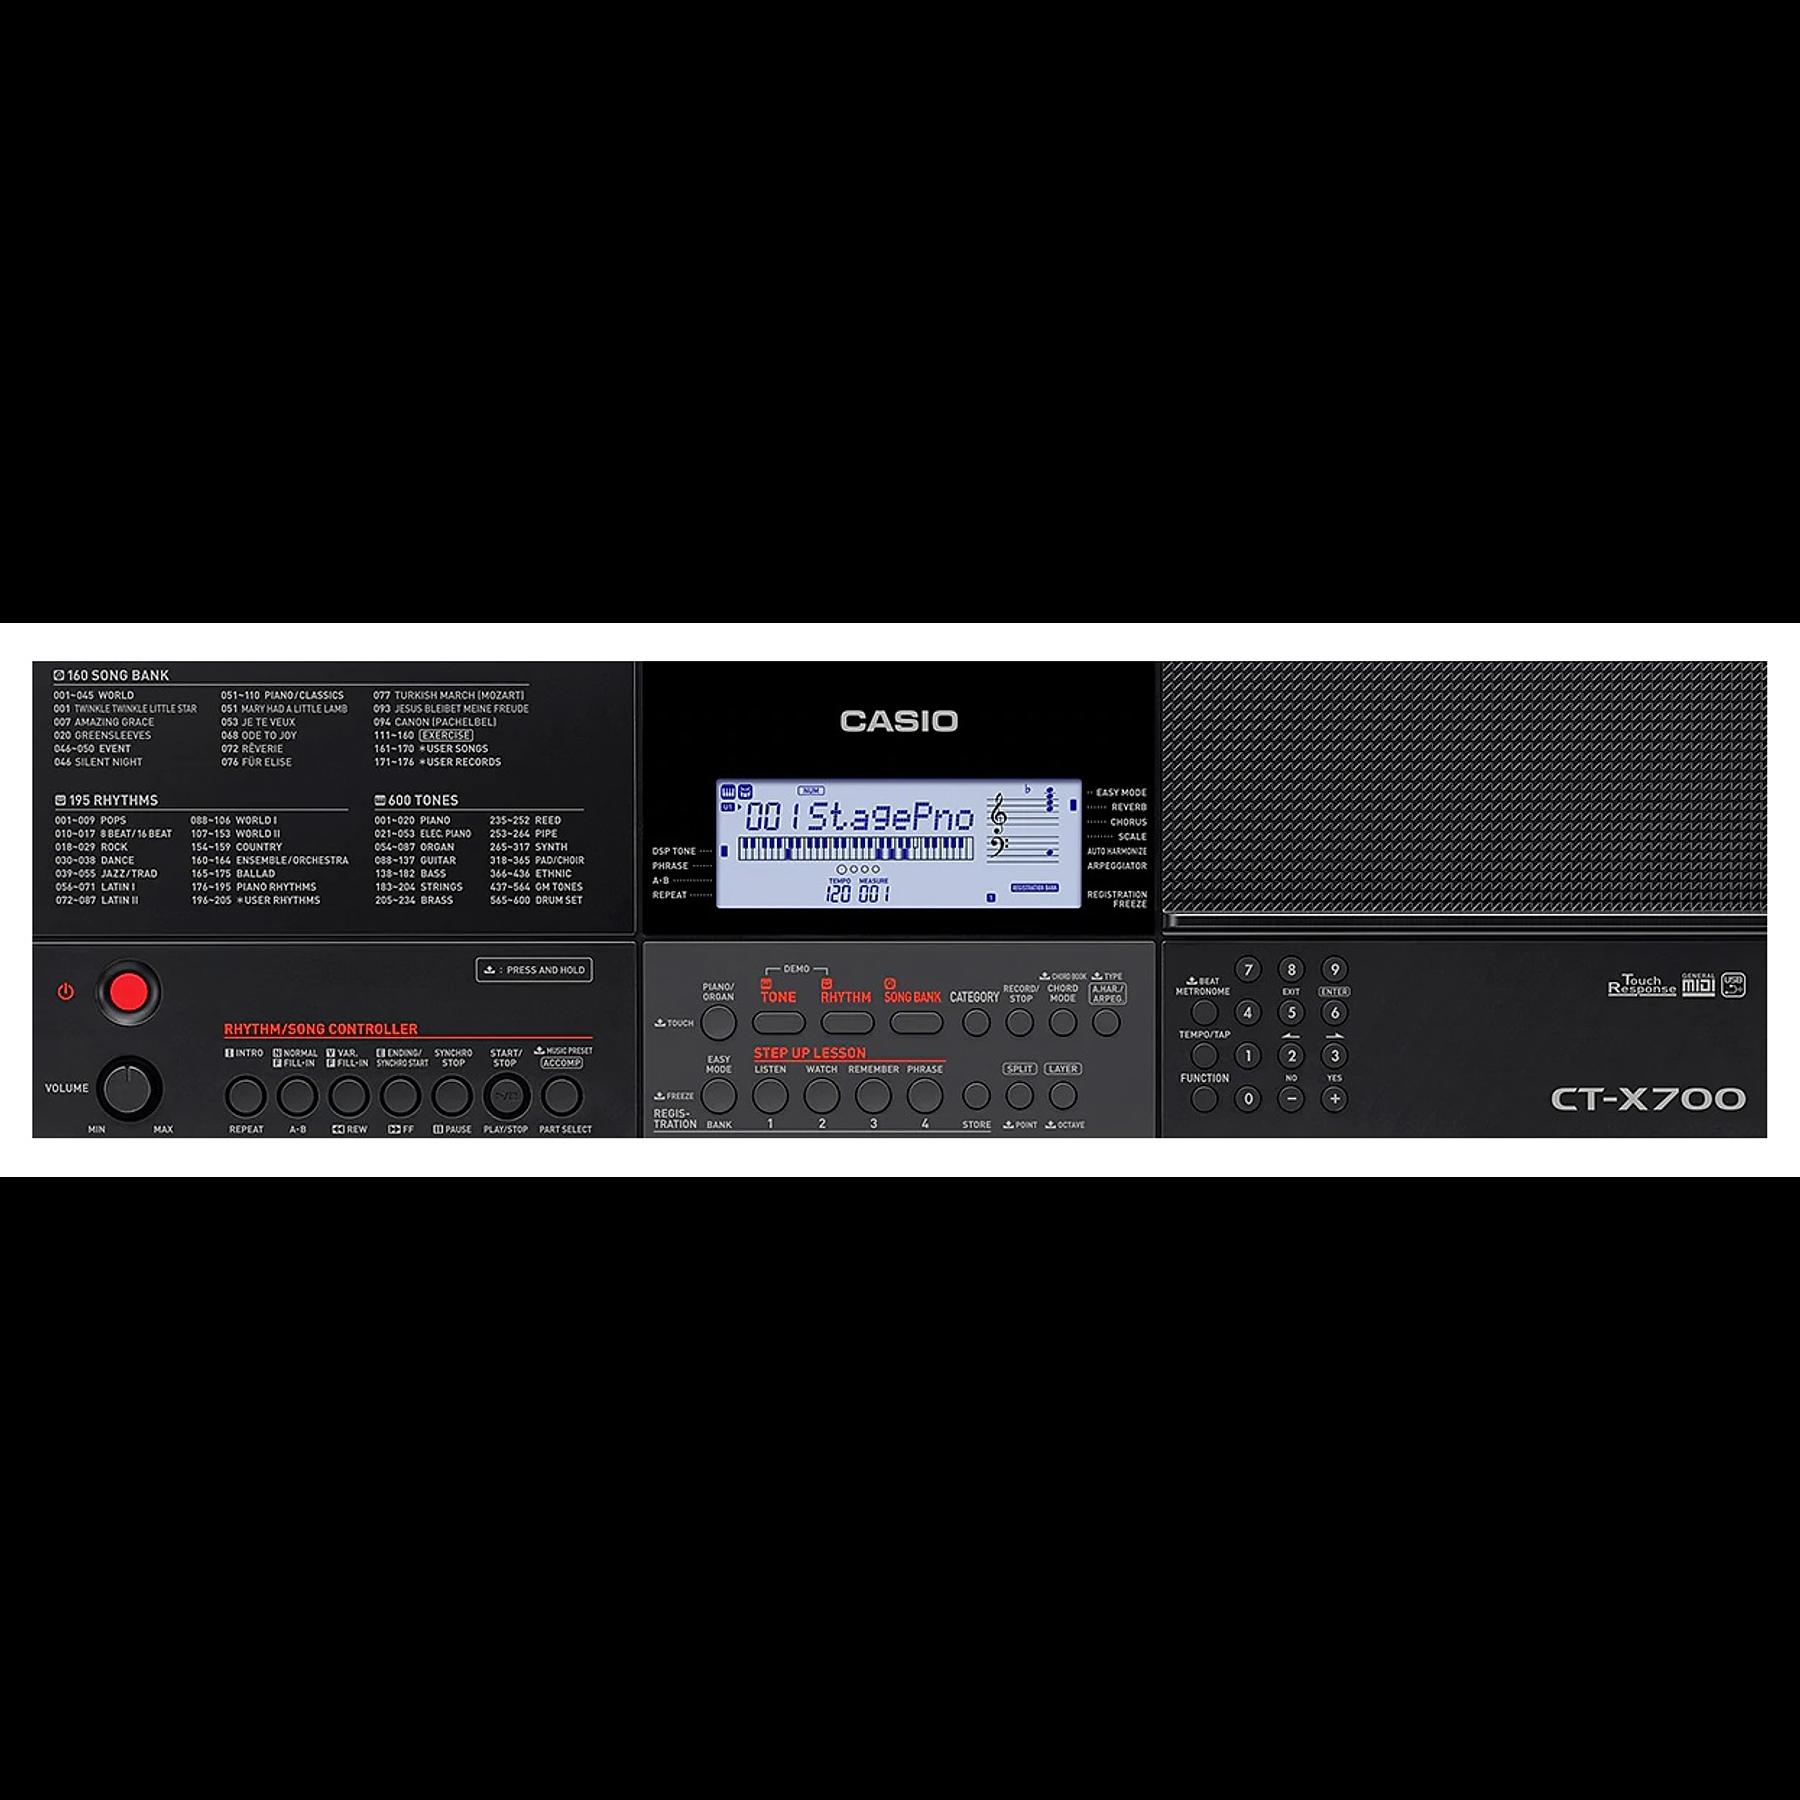 Teclado 61 Teclas CT-X700 - Casio